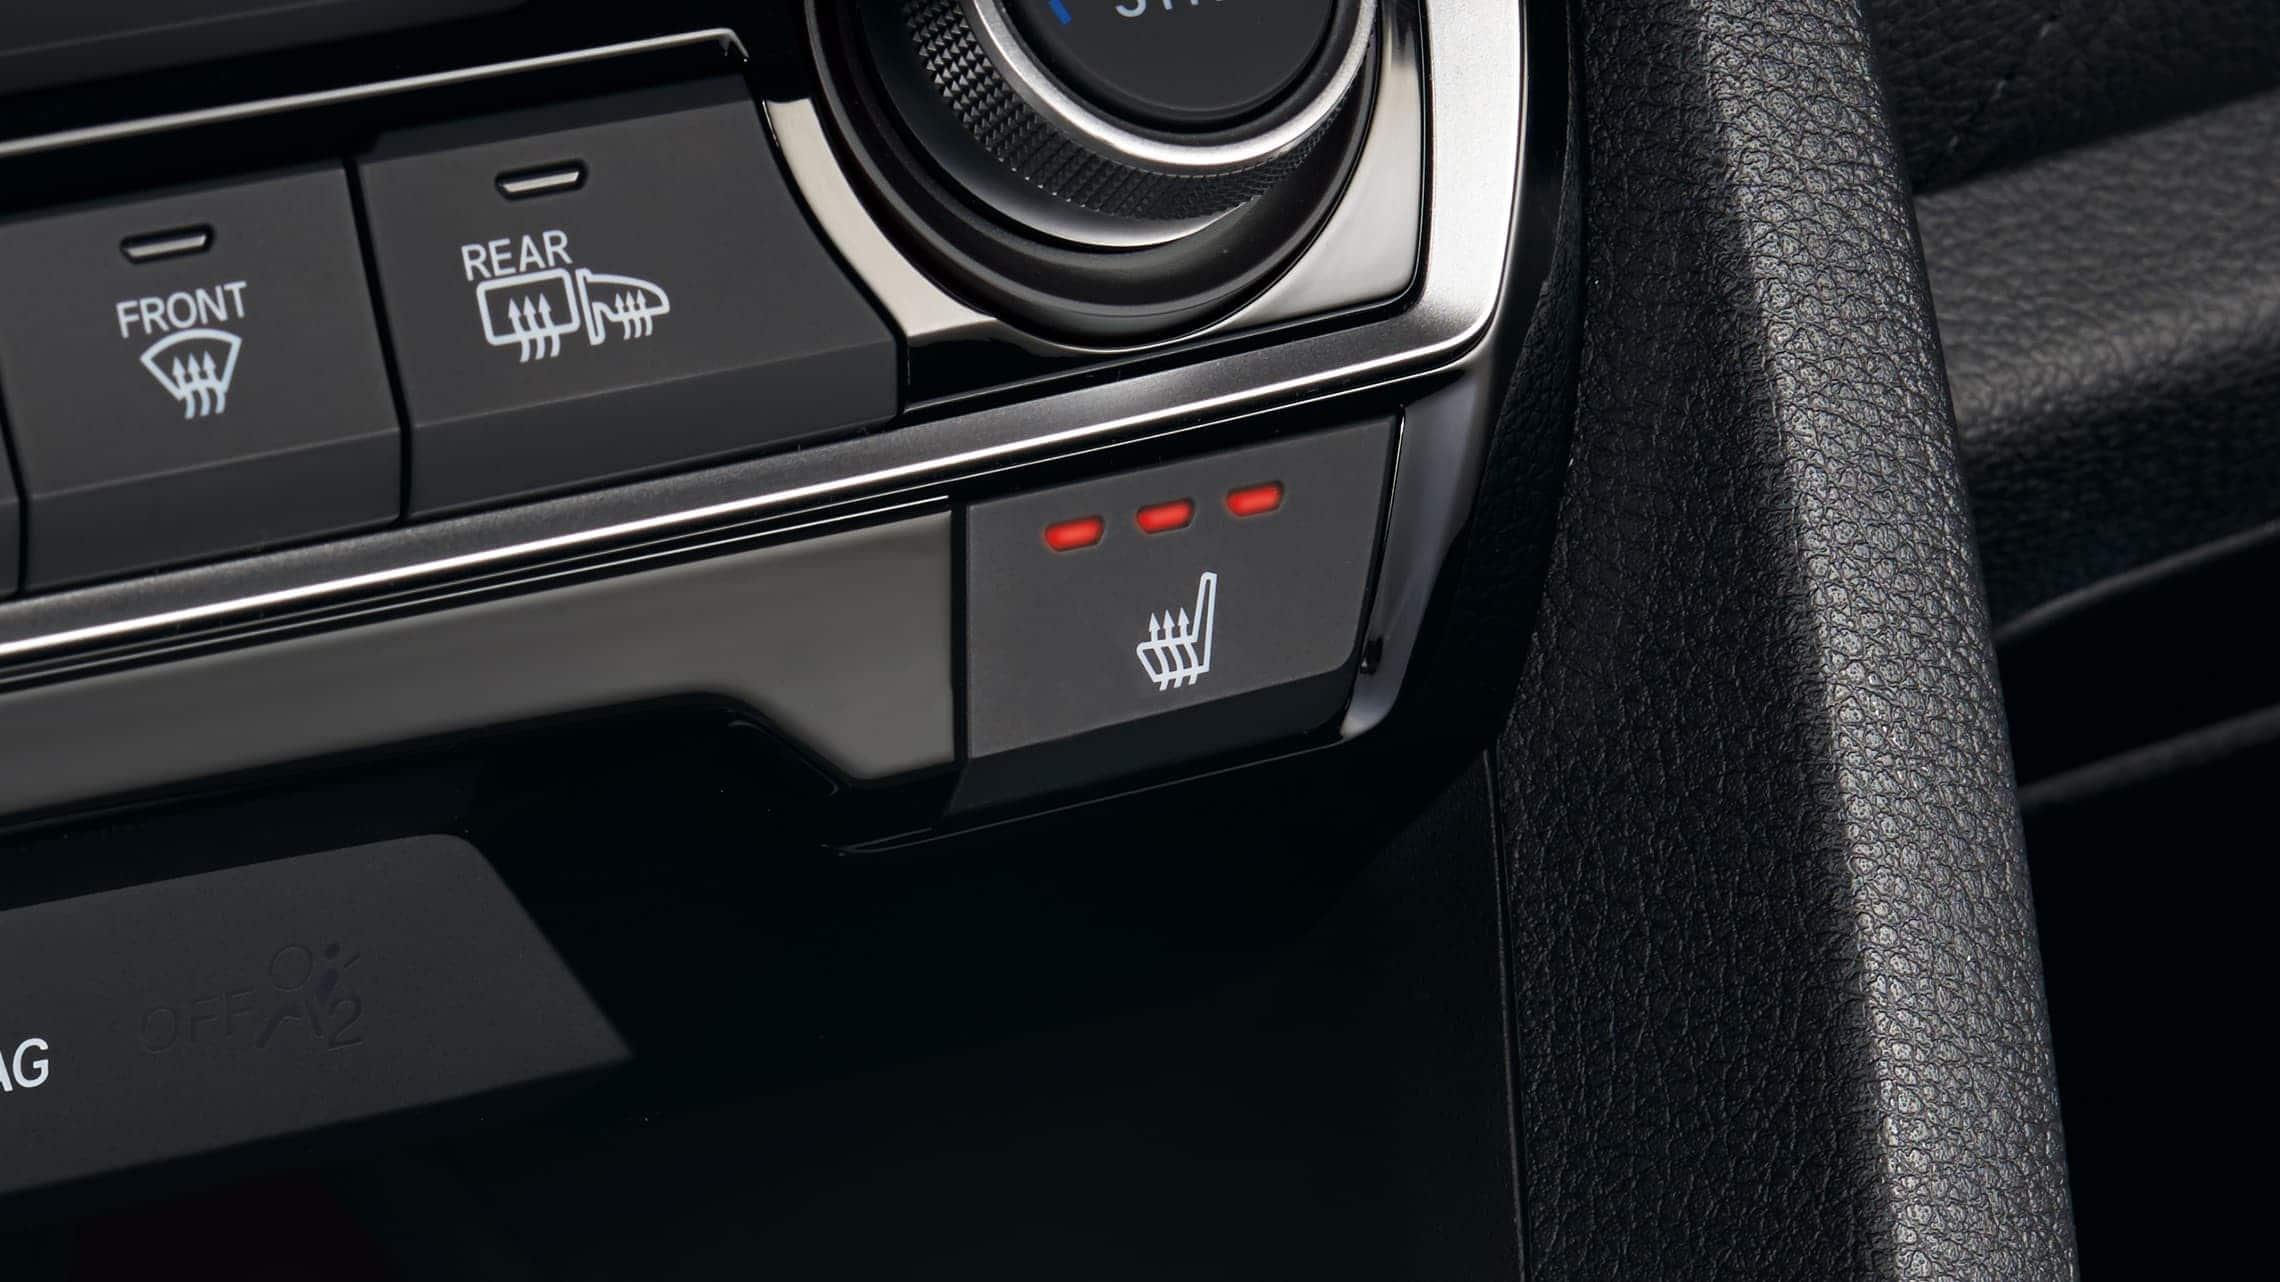 Detalle de los botones de los asientos delanteros calefaccionados en el Honda Civic Touring Sedán2020.